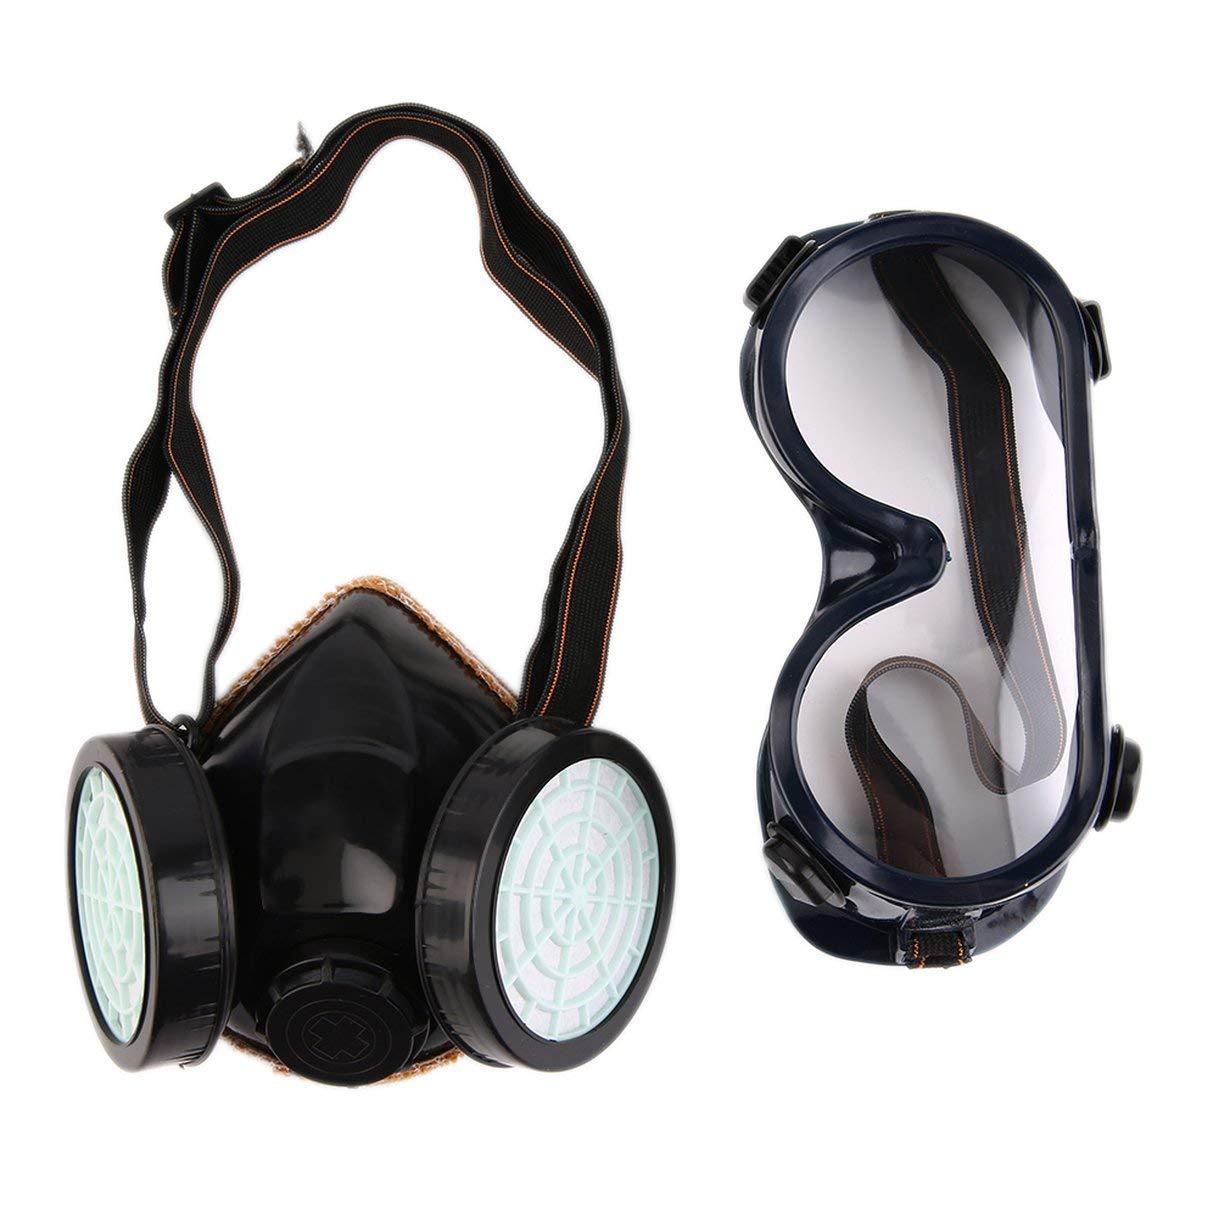 Nuevo Filtro de Protecció n Doble Má scara de Gas Quí mico Gas Anti Polvo Pintura Respirador Mascarilla con Gafas de Seguridad Industrial al Por Mayor UniqueHeart